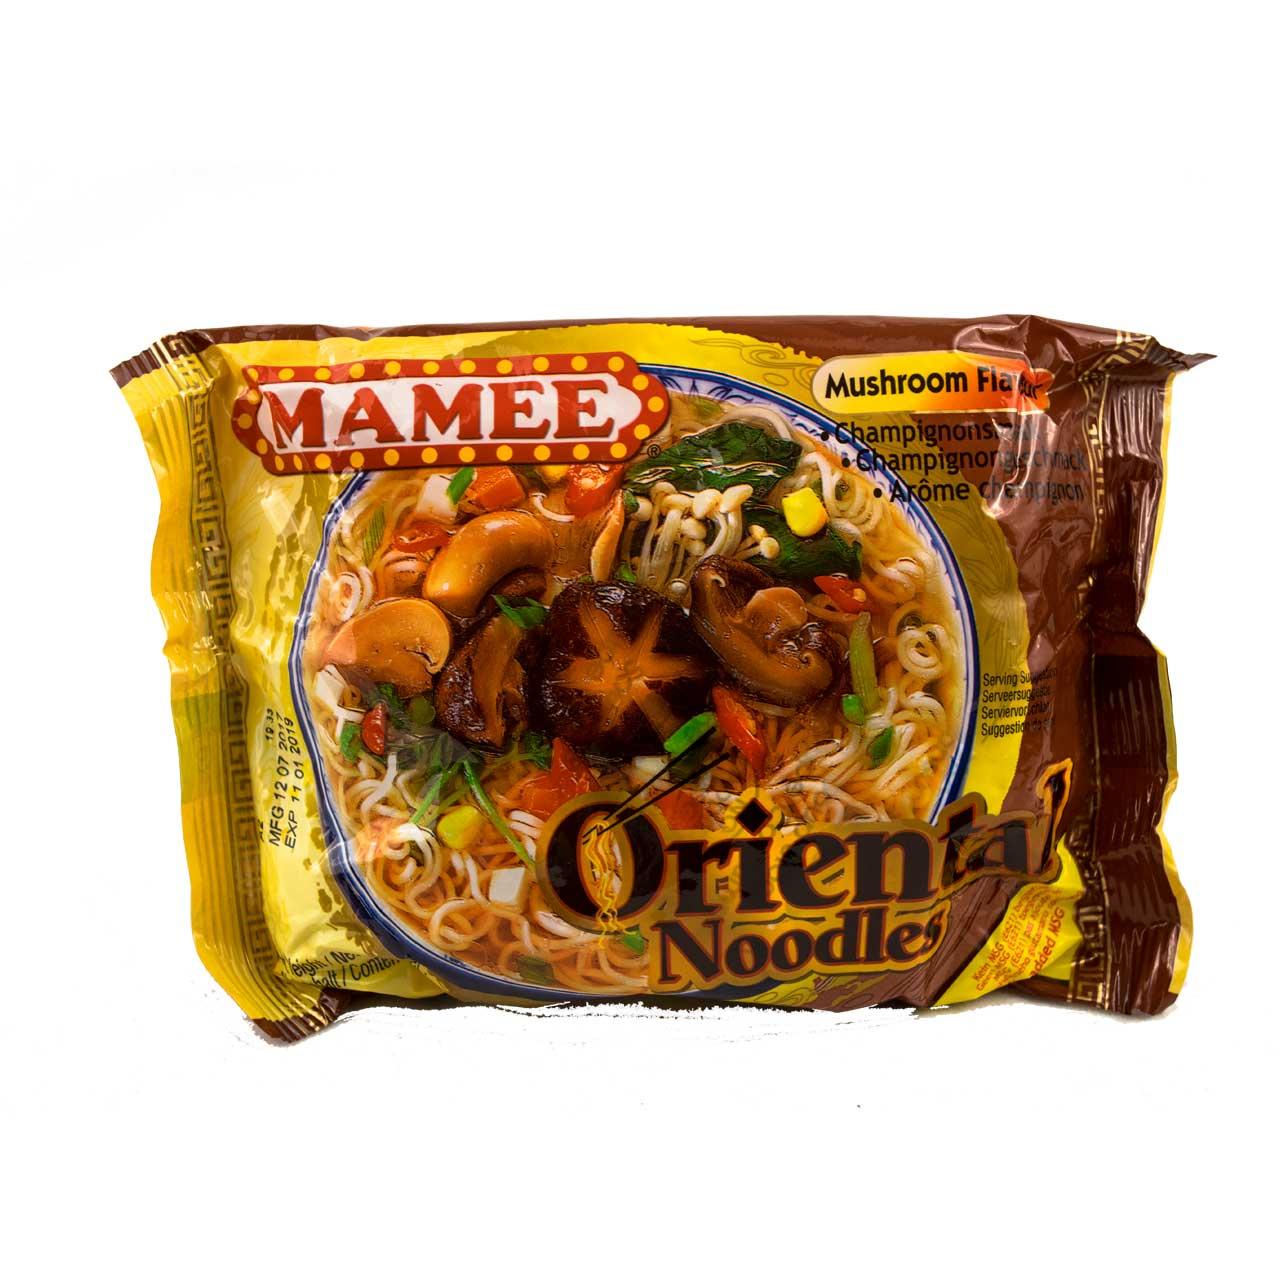 نودل قارچ مامی – mamee